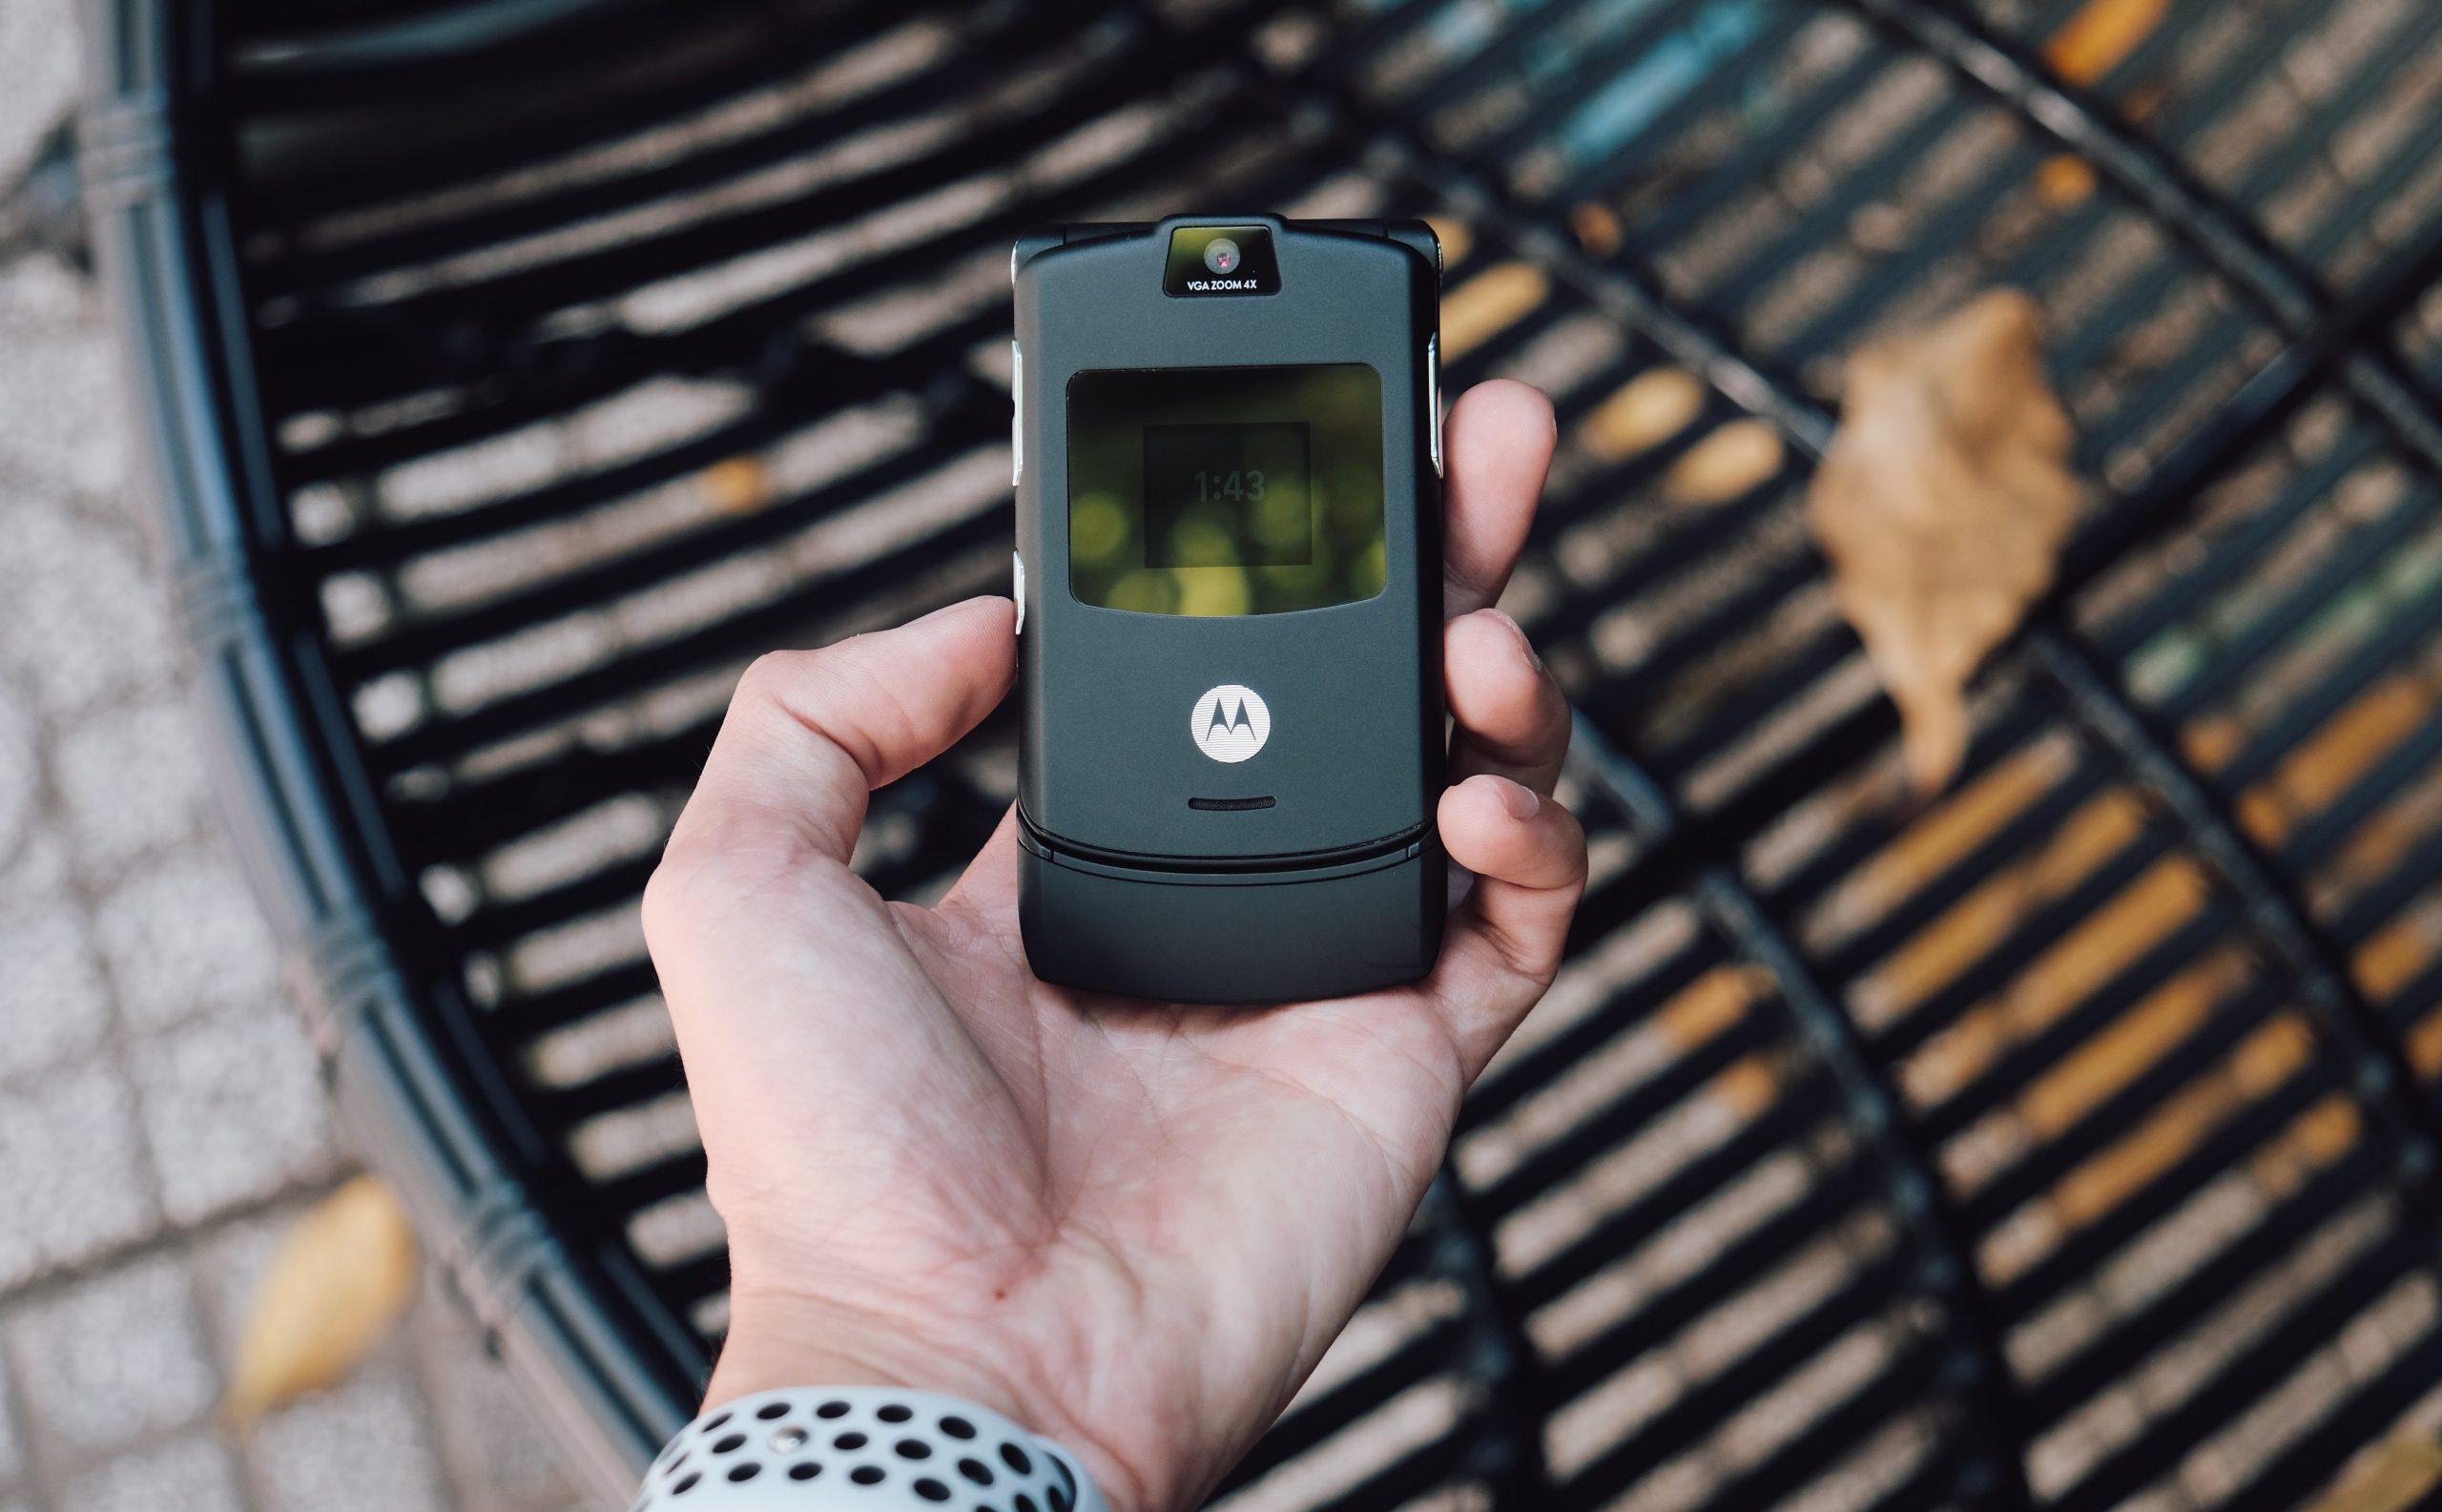 Imagem mostra um celular Motorola antigo.